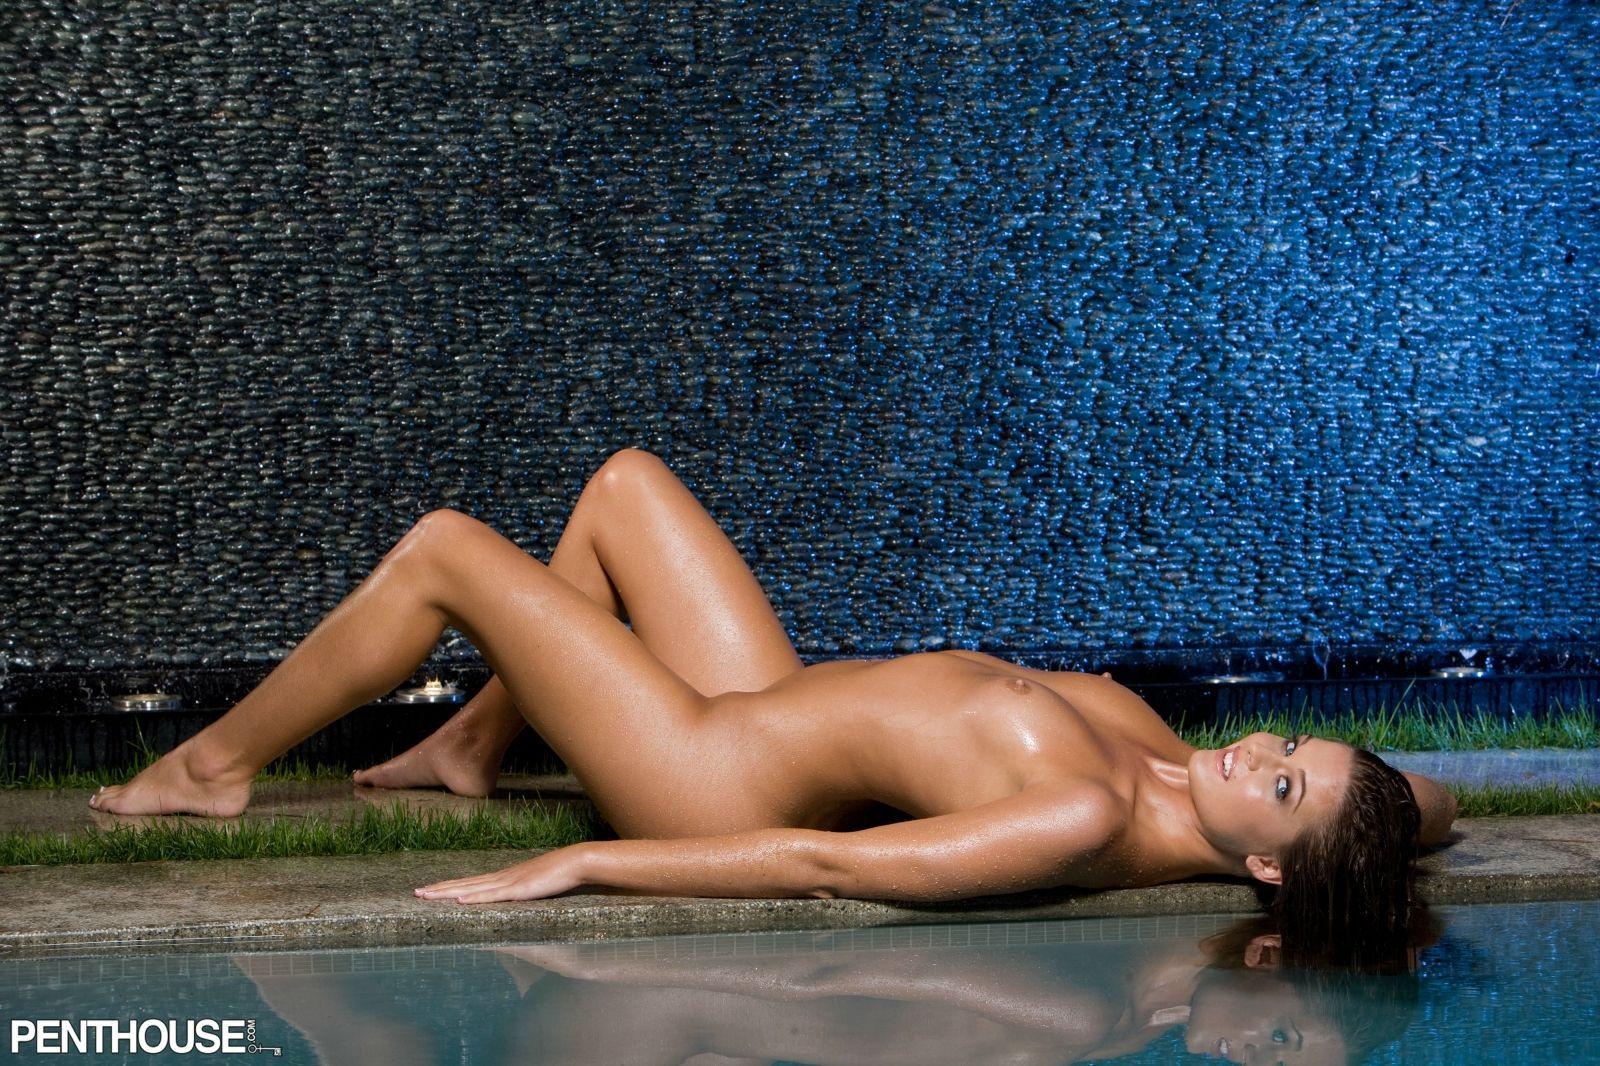 Victoria cunningham nude